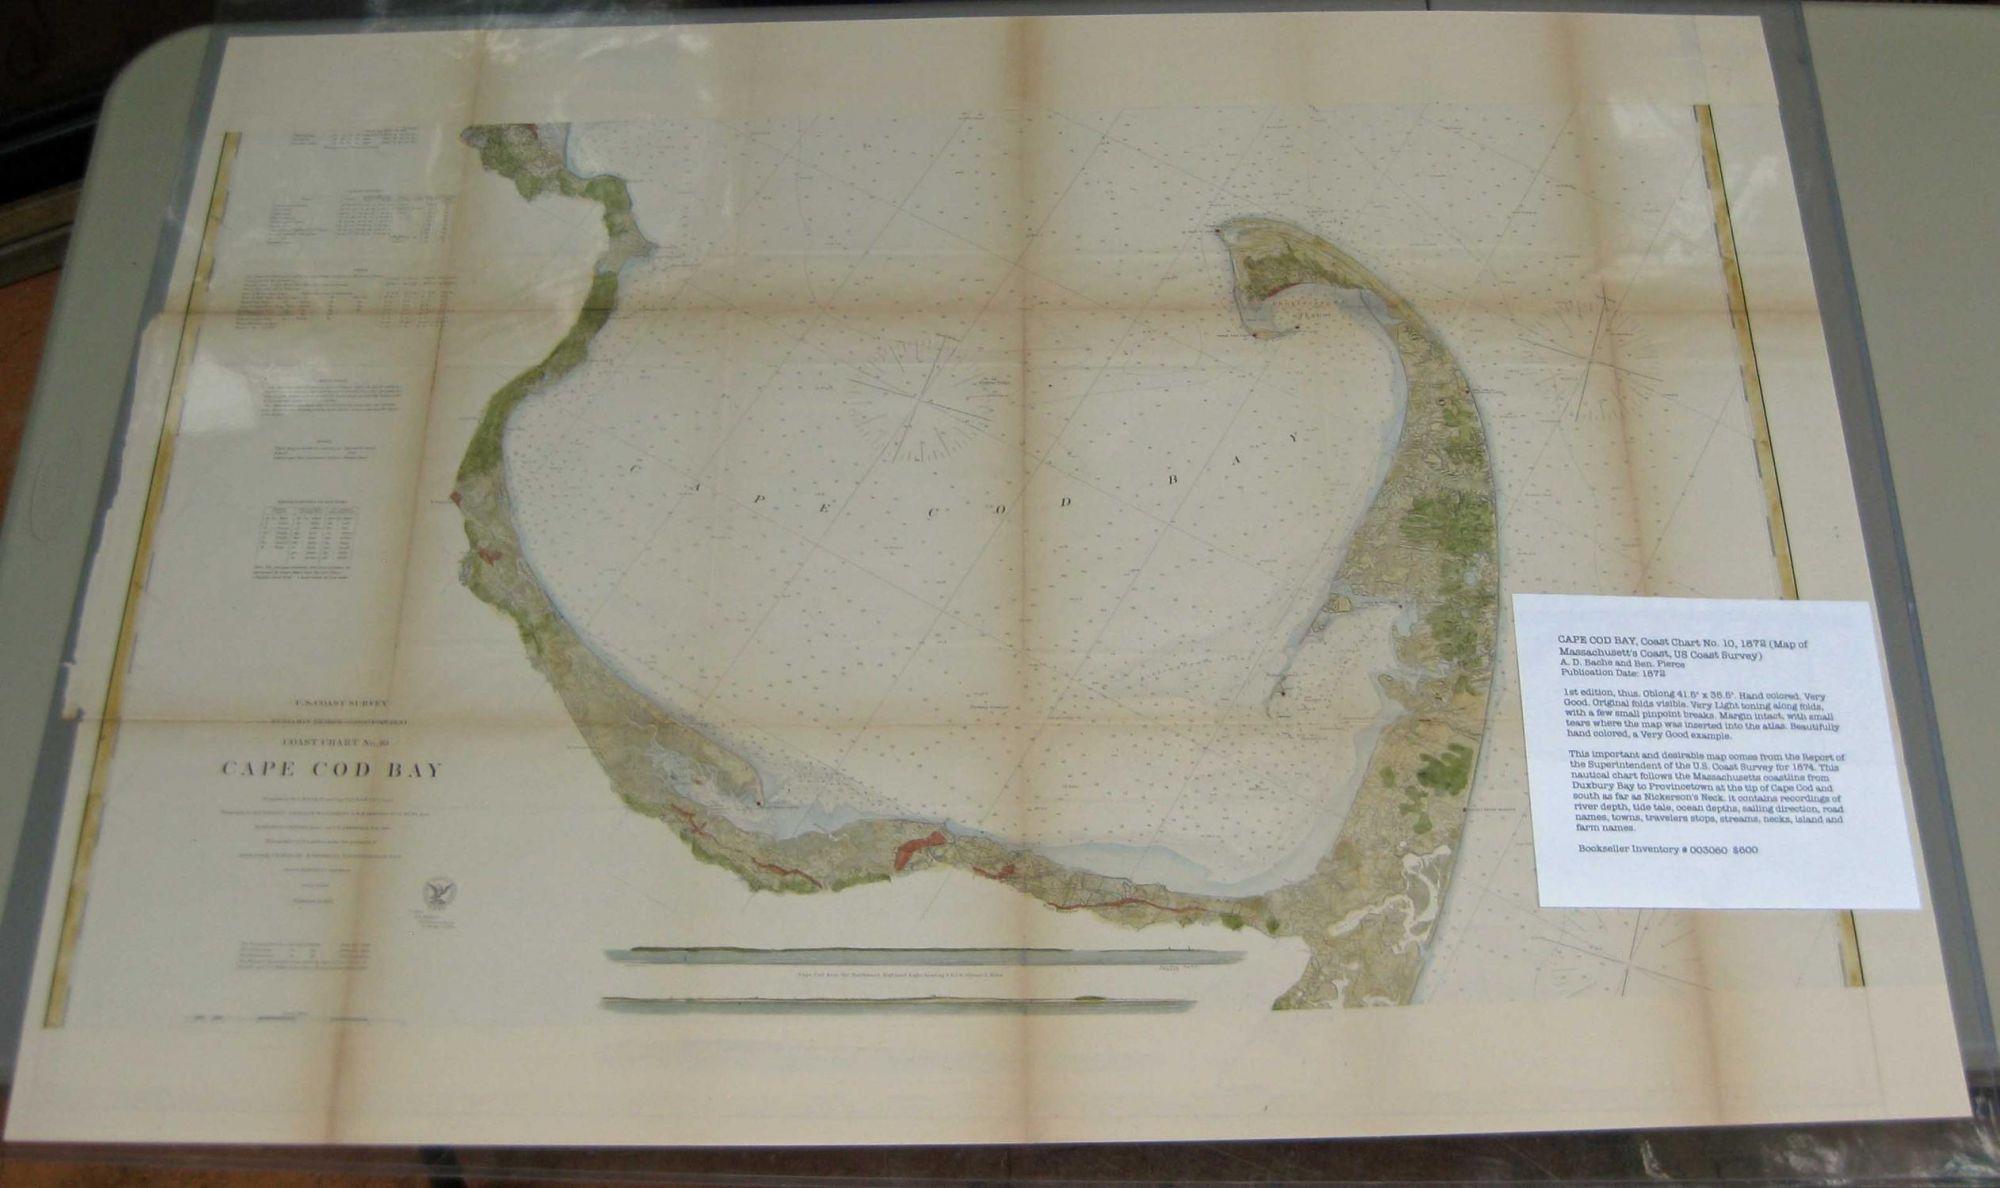 CAPE COD BAY, Coast Chart No. 10, 1872 (Map ... Machusetts On Usa Map on transportation on usa, flag on usa, people on usa, population density on usa, weather on usa, compass on usa, equator on usa,